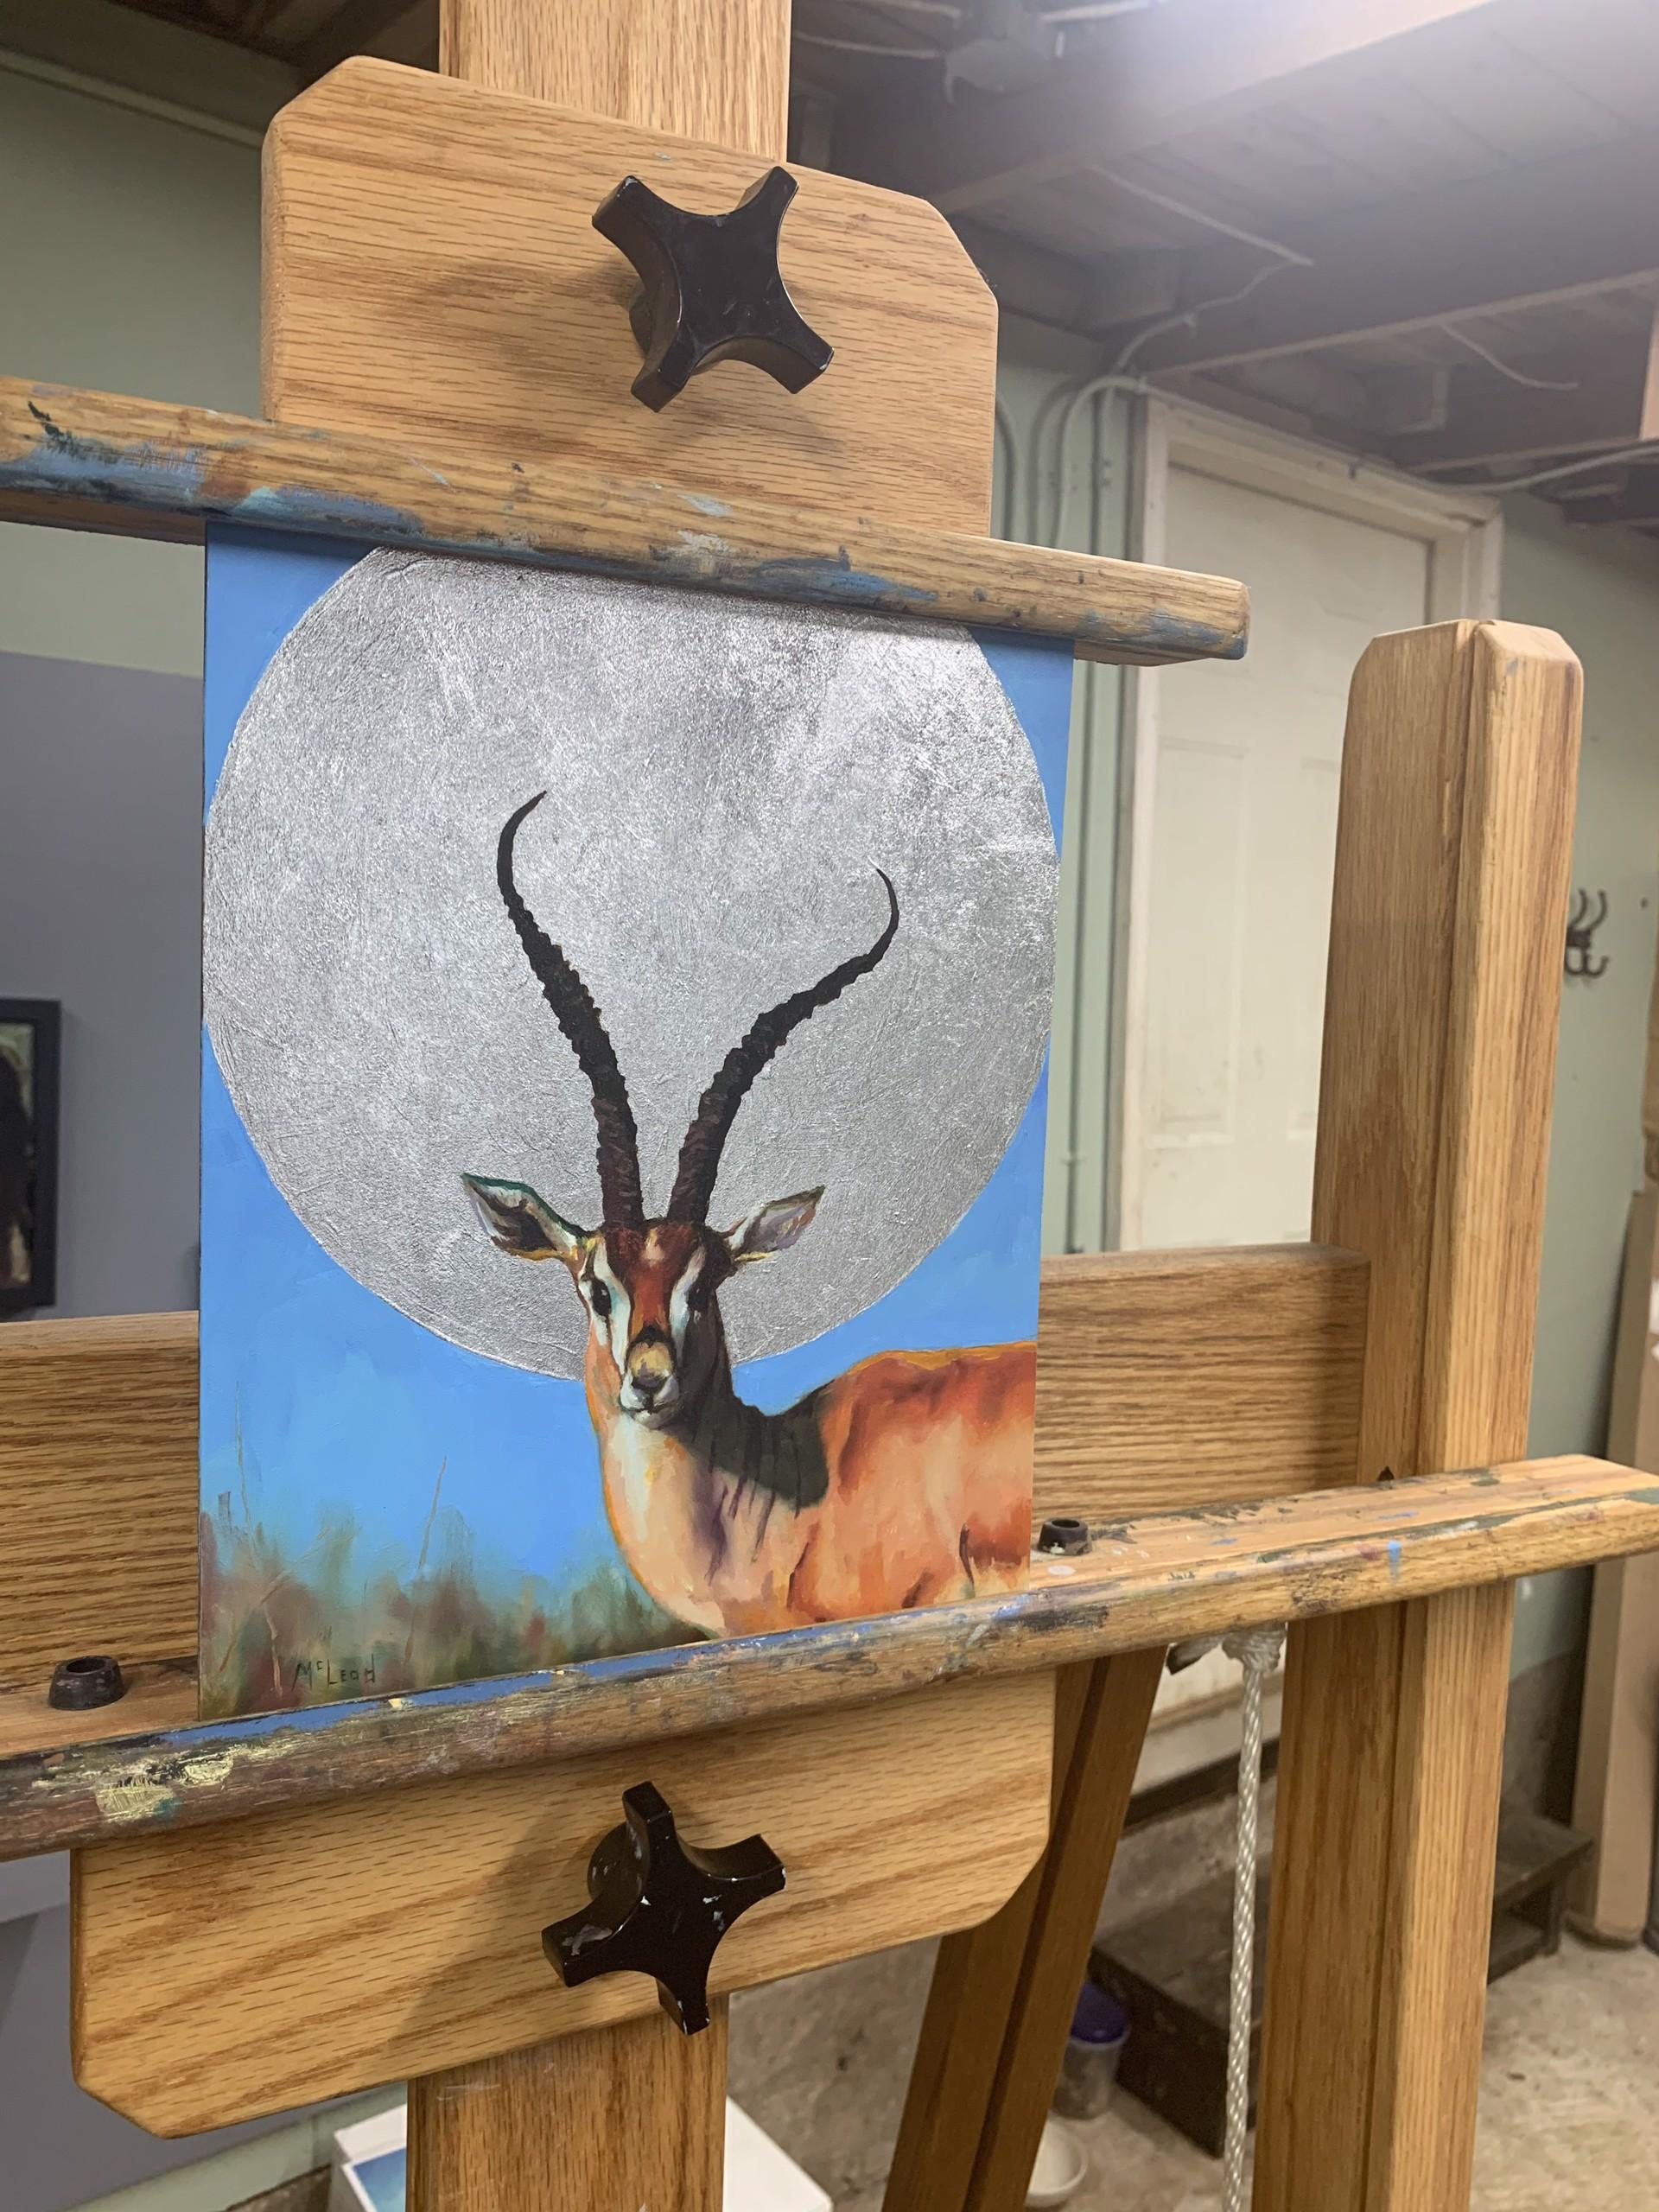 Gazelle by John McLeod